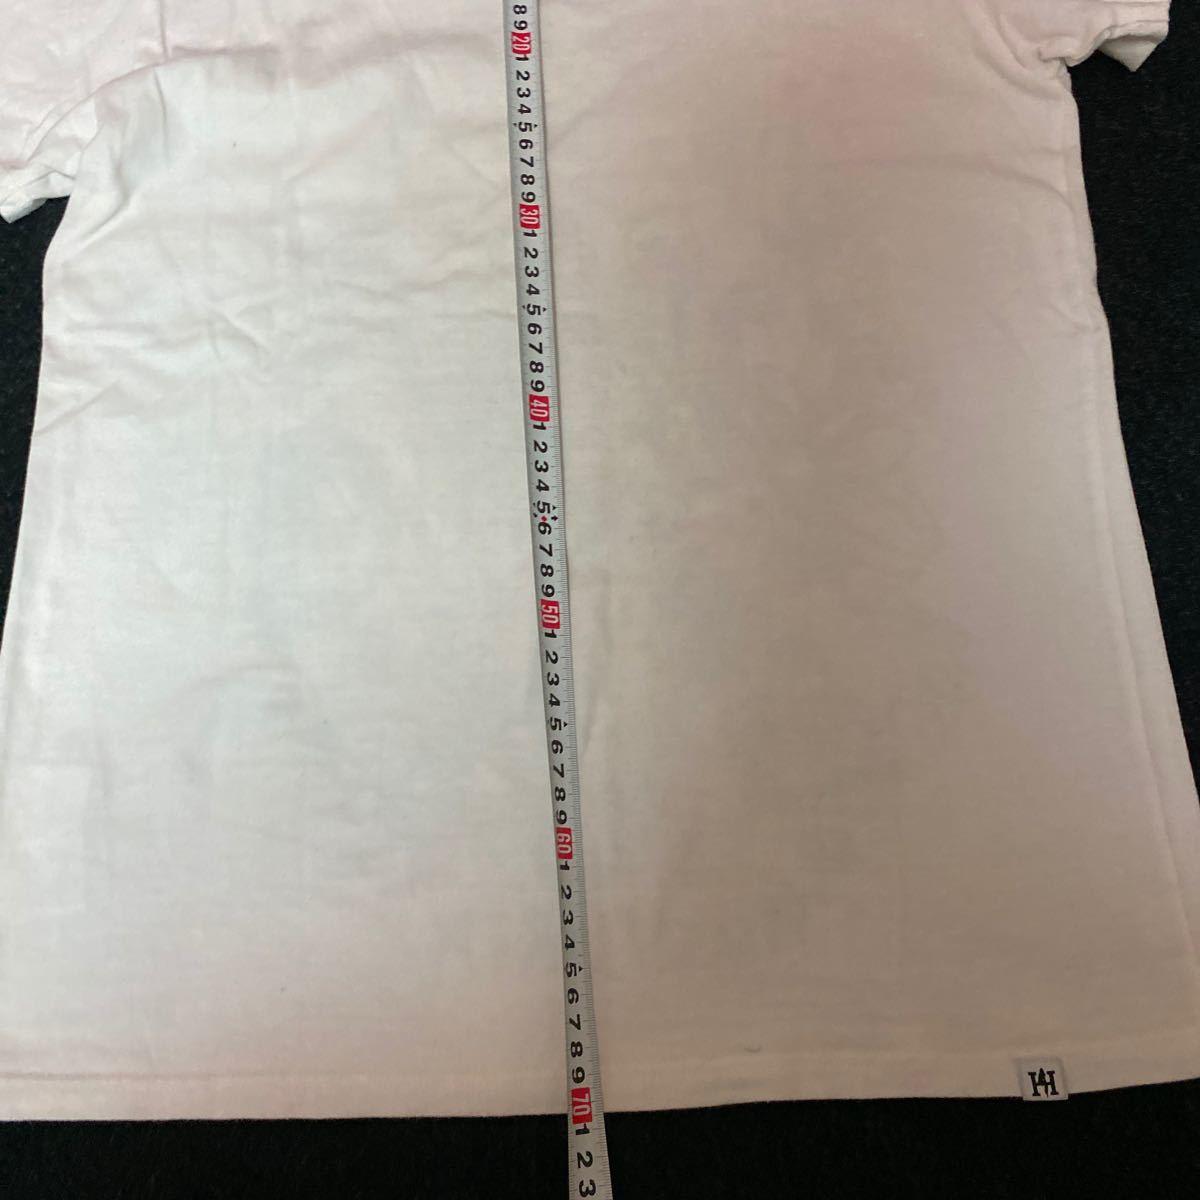 ヒステリックグラマー Tシャツ 美品